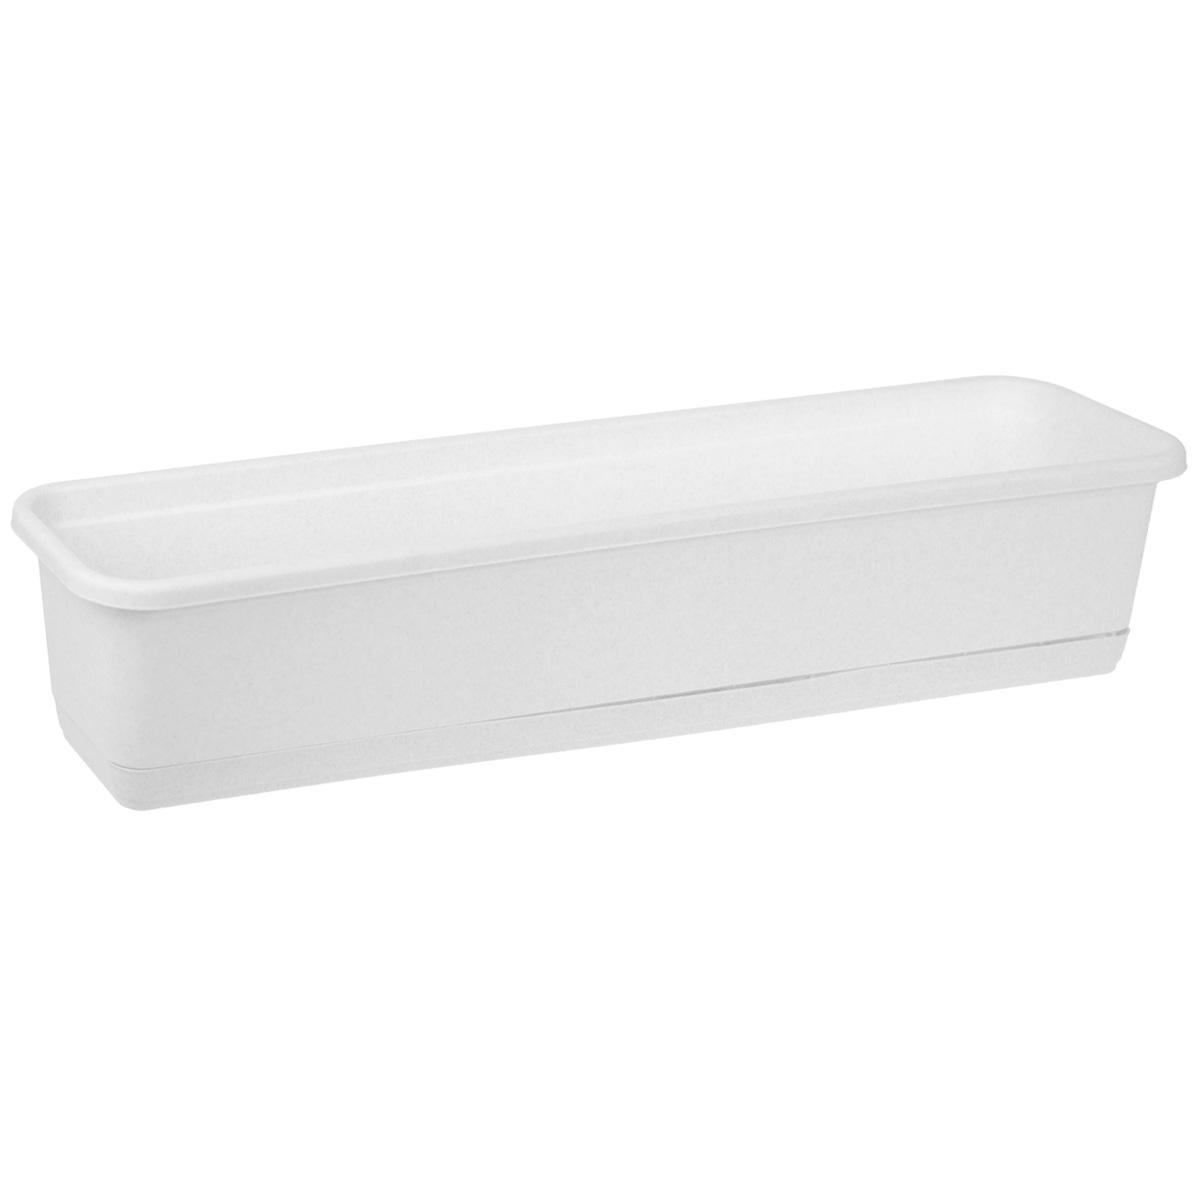 Балконный ящик Idea, цвет: мраморный, 80 см х 18 смZ-0307Балконный ящик Idea изготовлен из прочного полипропилена (пластика). Снабжен поддоном для стока воды.Изделие прекрасно подходит для выращивания рассады, растений и цветов в домашних условиях.